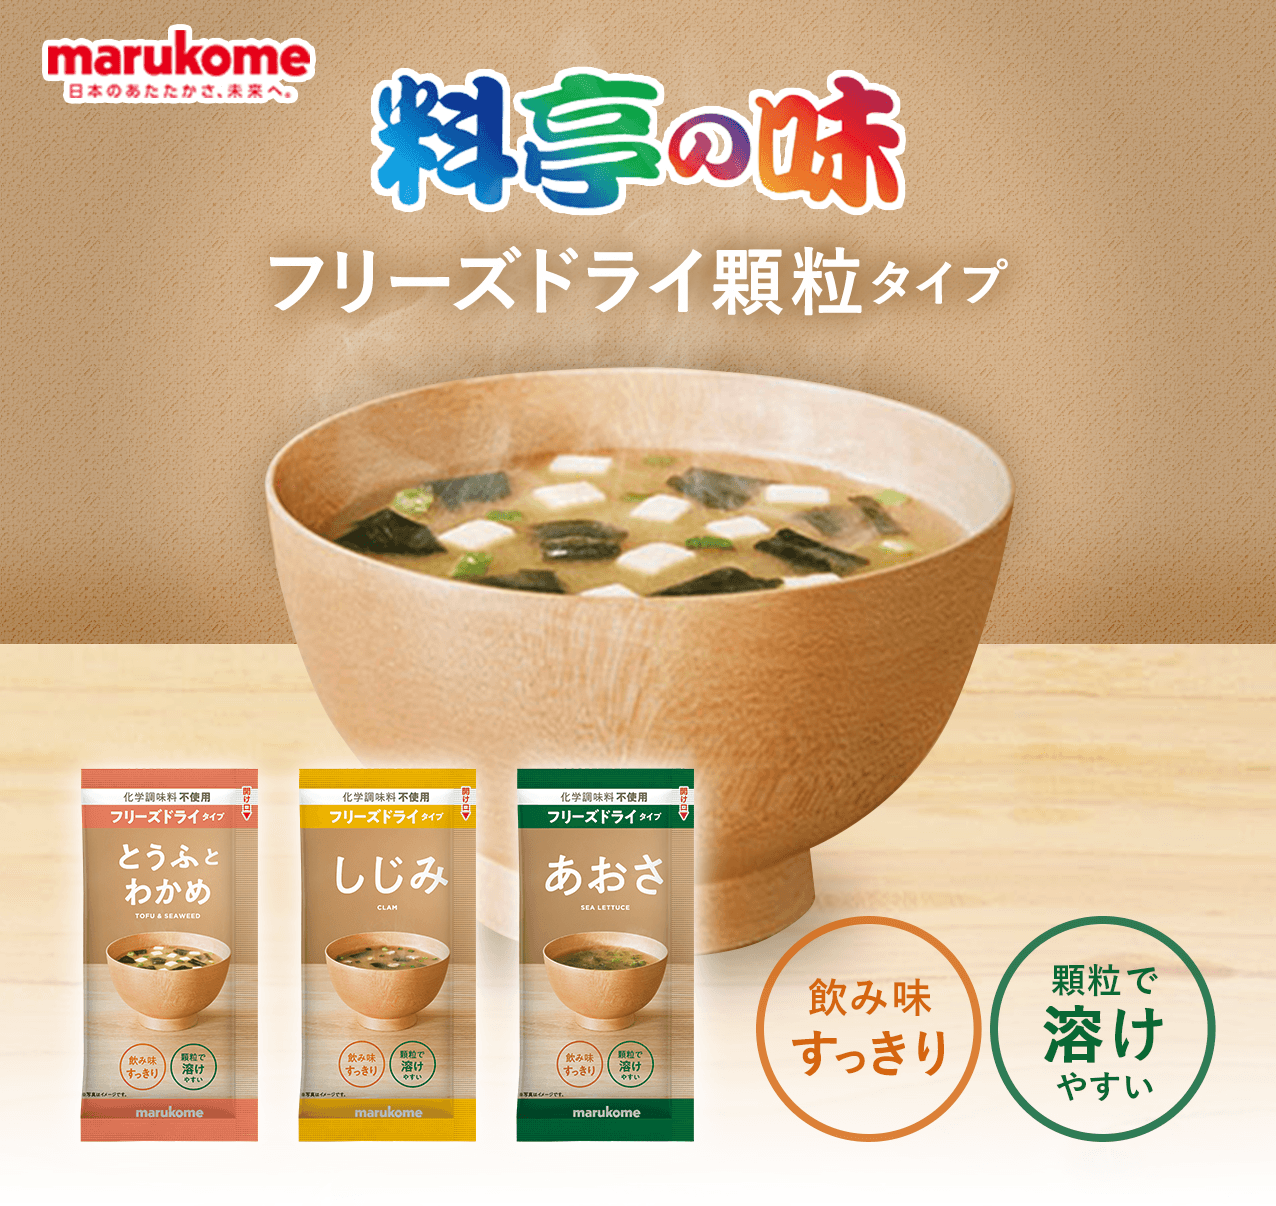 marukome 日本のあたたかさ、未来へ。 料亭の味 フリーズドライ顆粒タイプ 顆粒で溶けやすい 化学調味料不使用